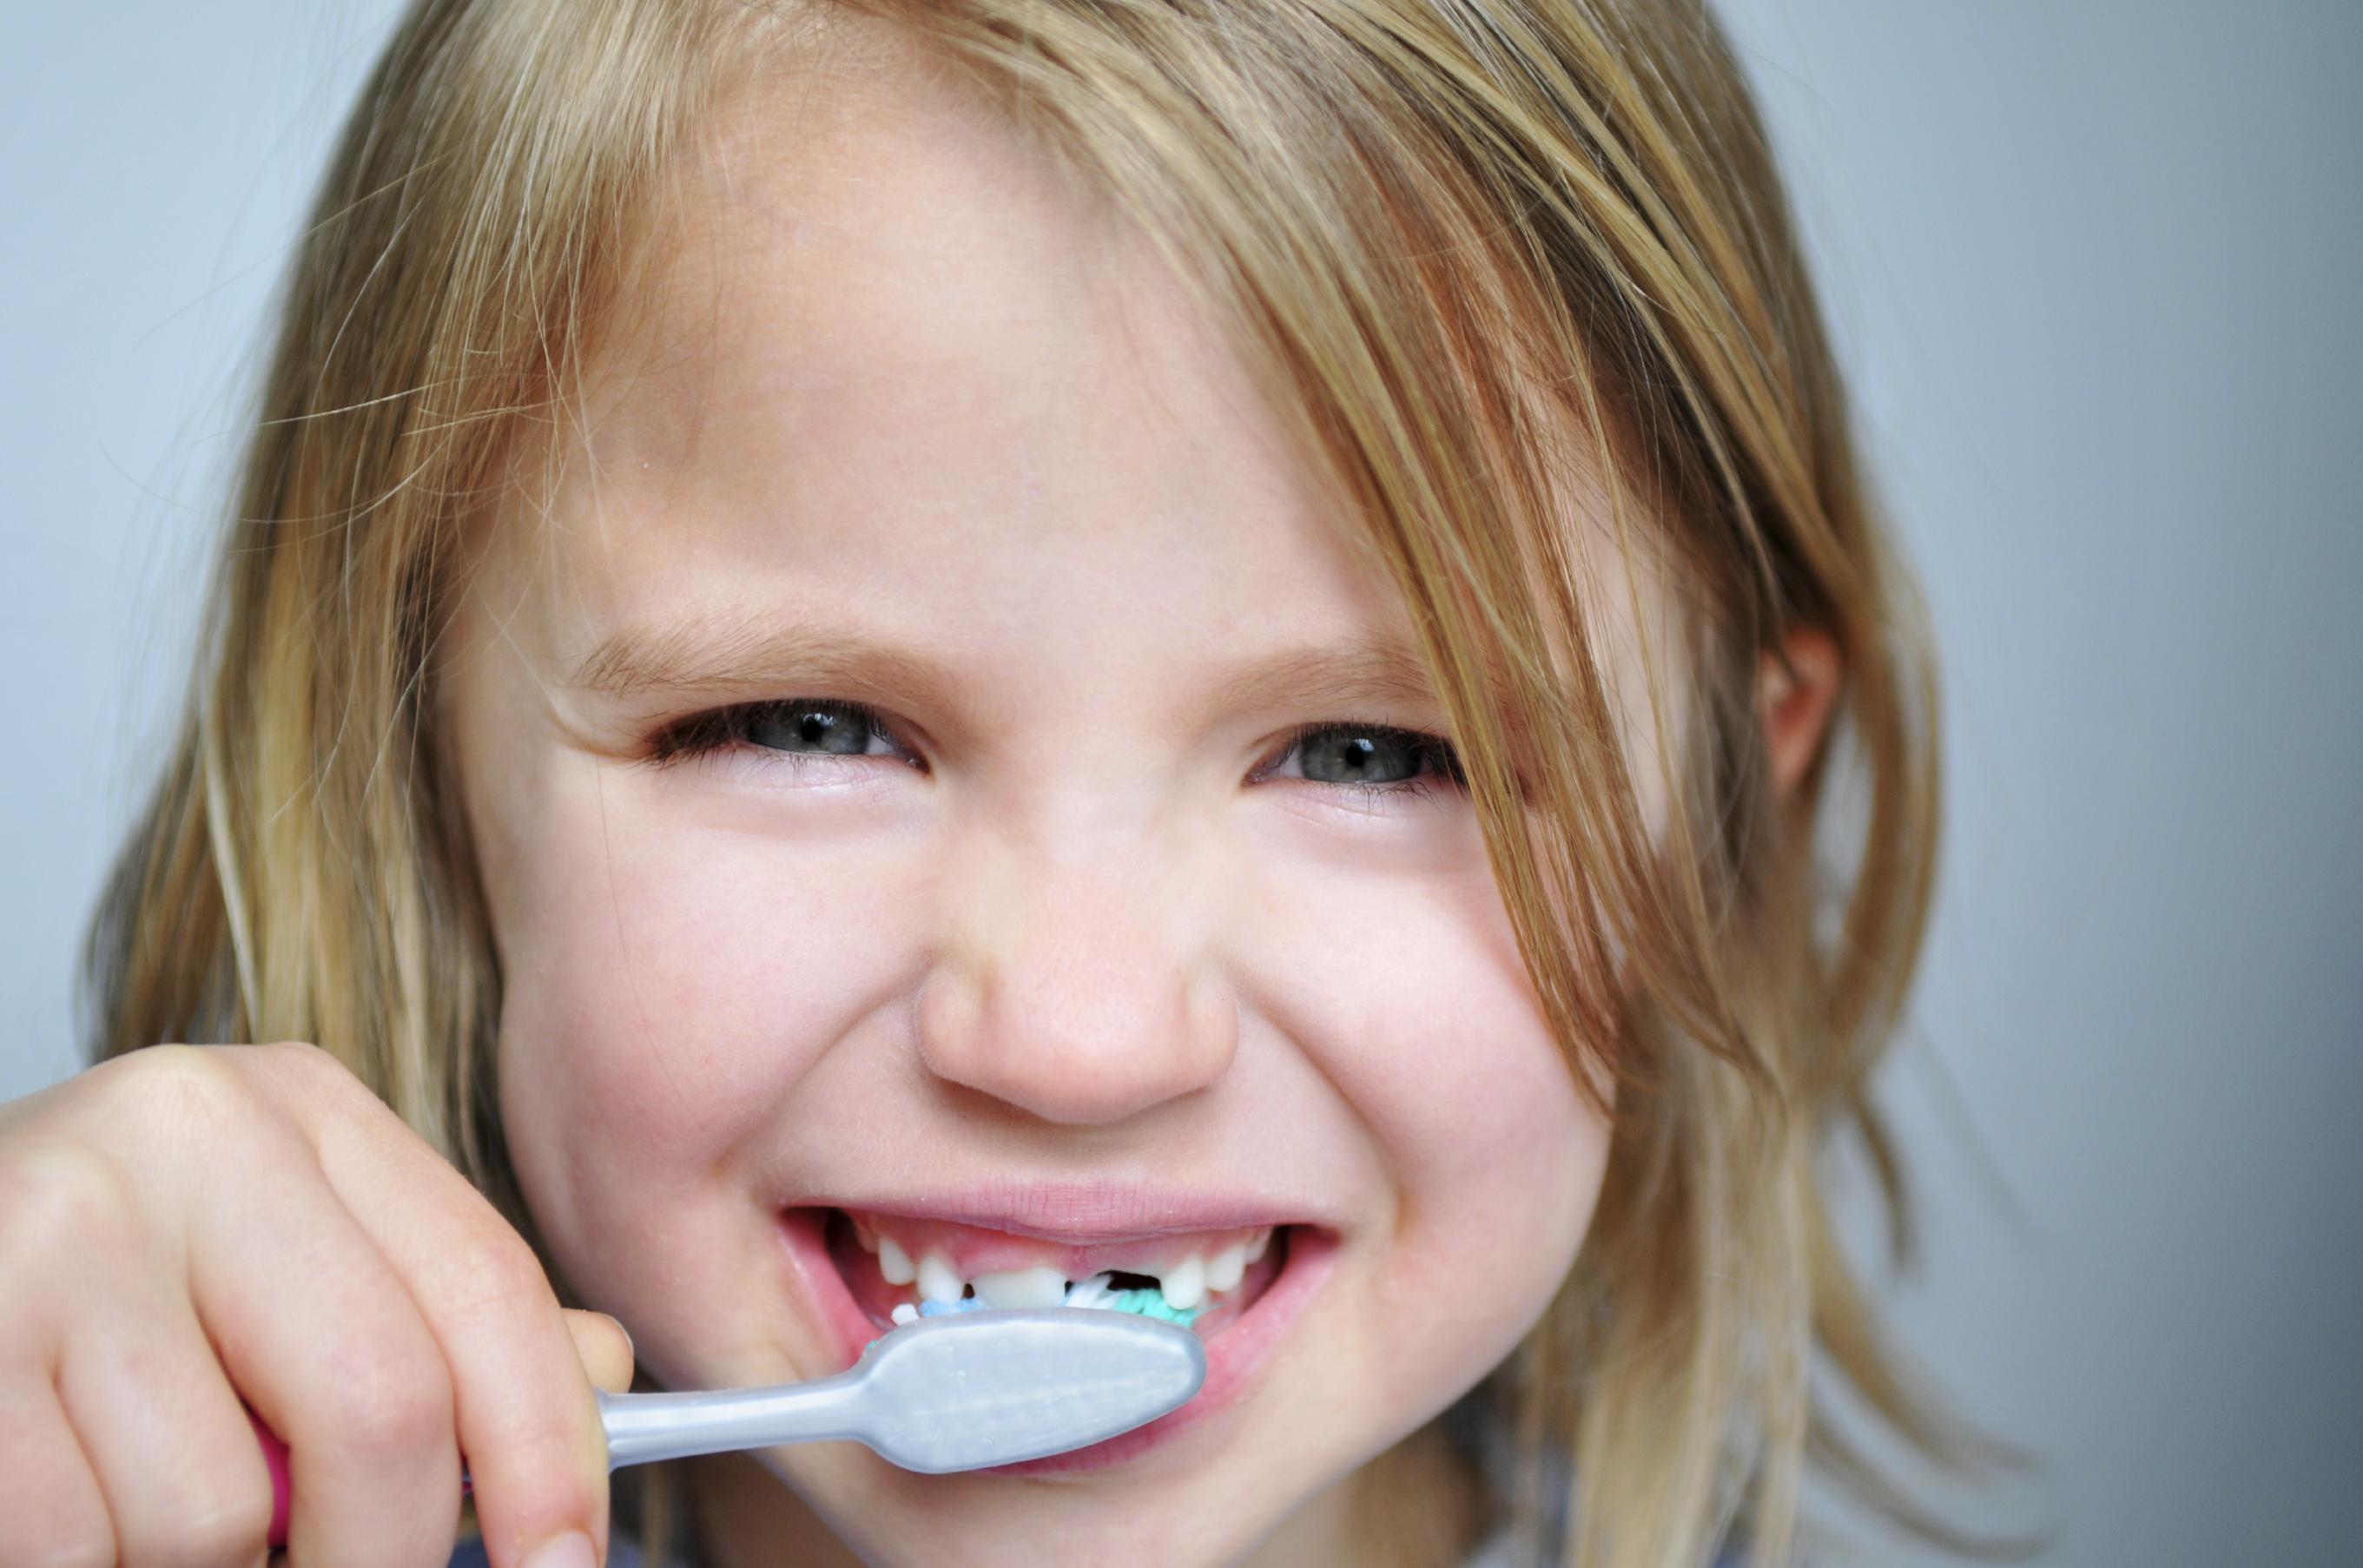 neworleans_kids_dentist